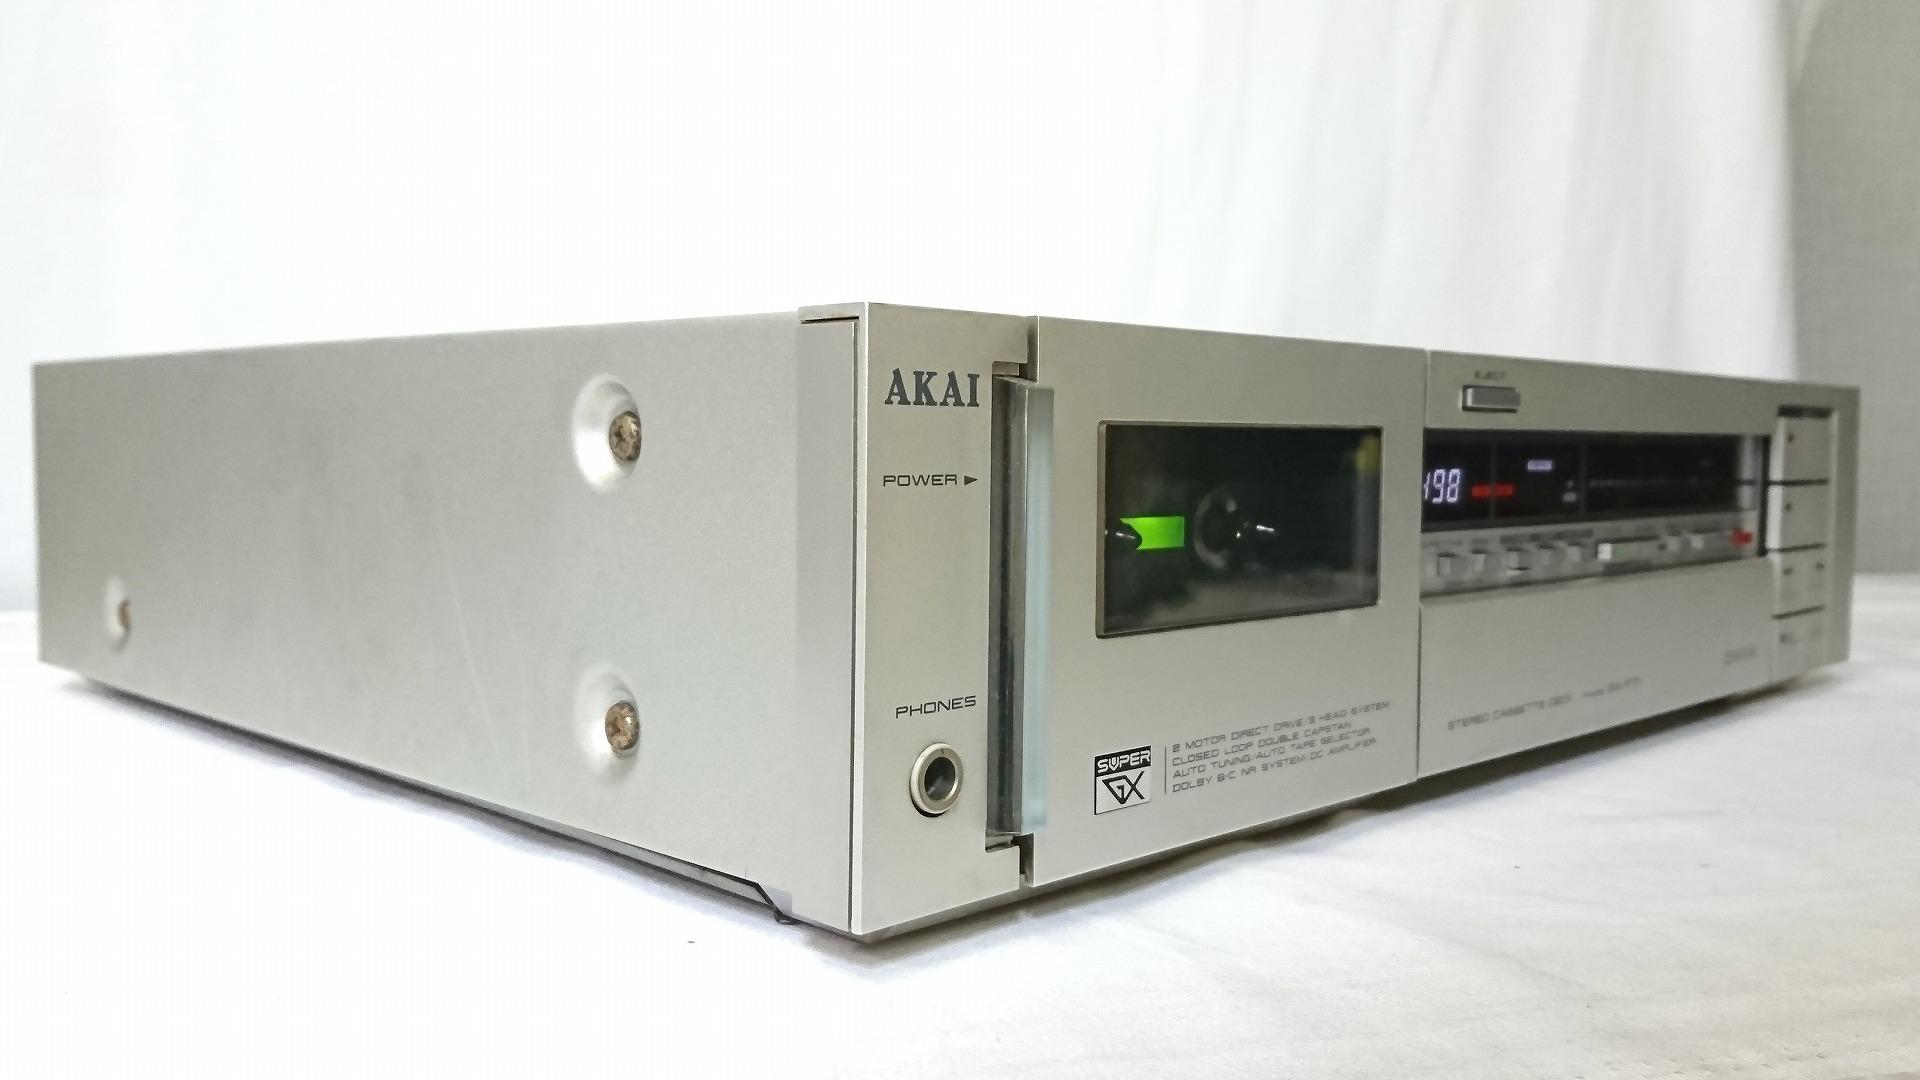 AKAI GX-F71 左斜め視点